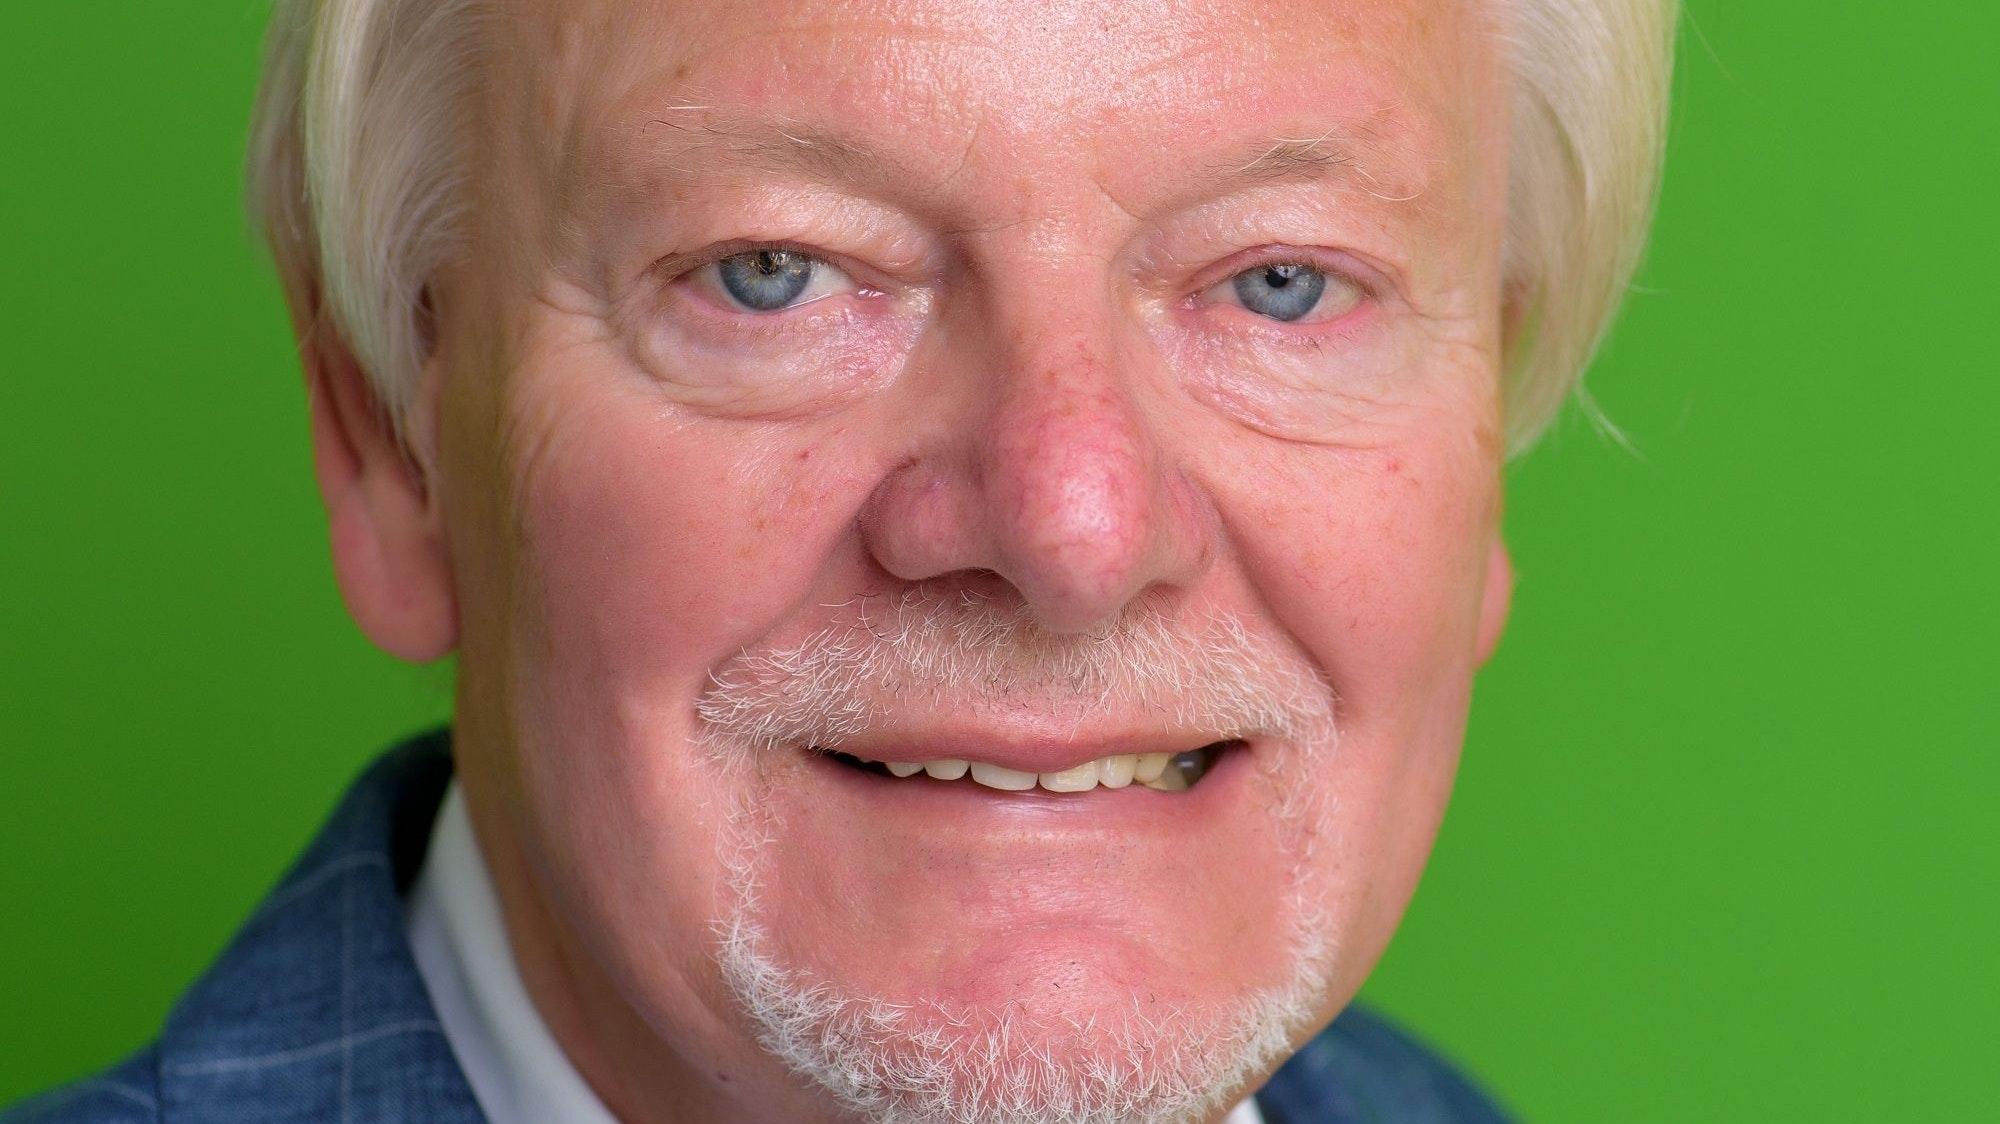 Stellt sich erwartungsgemäß nicht wieder zur Wahl für den AEF-Vorsitz: Uwe Bartels. Foto: M. Niehues